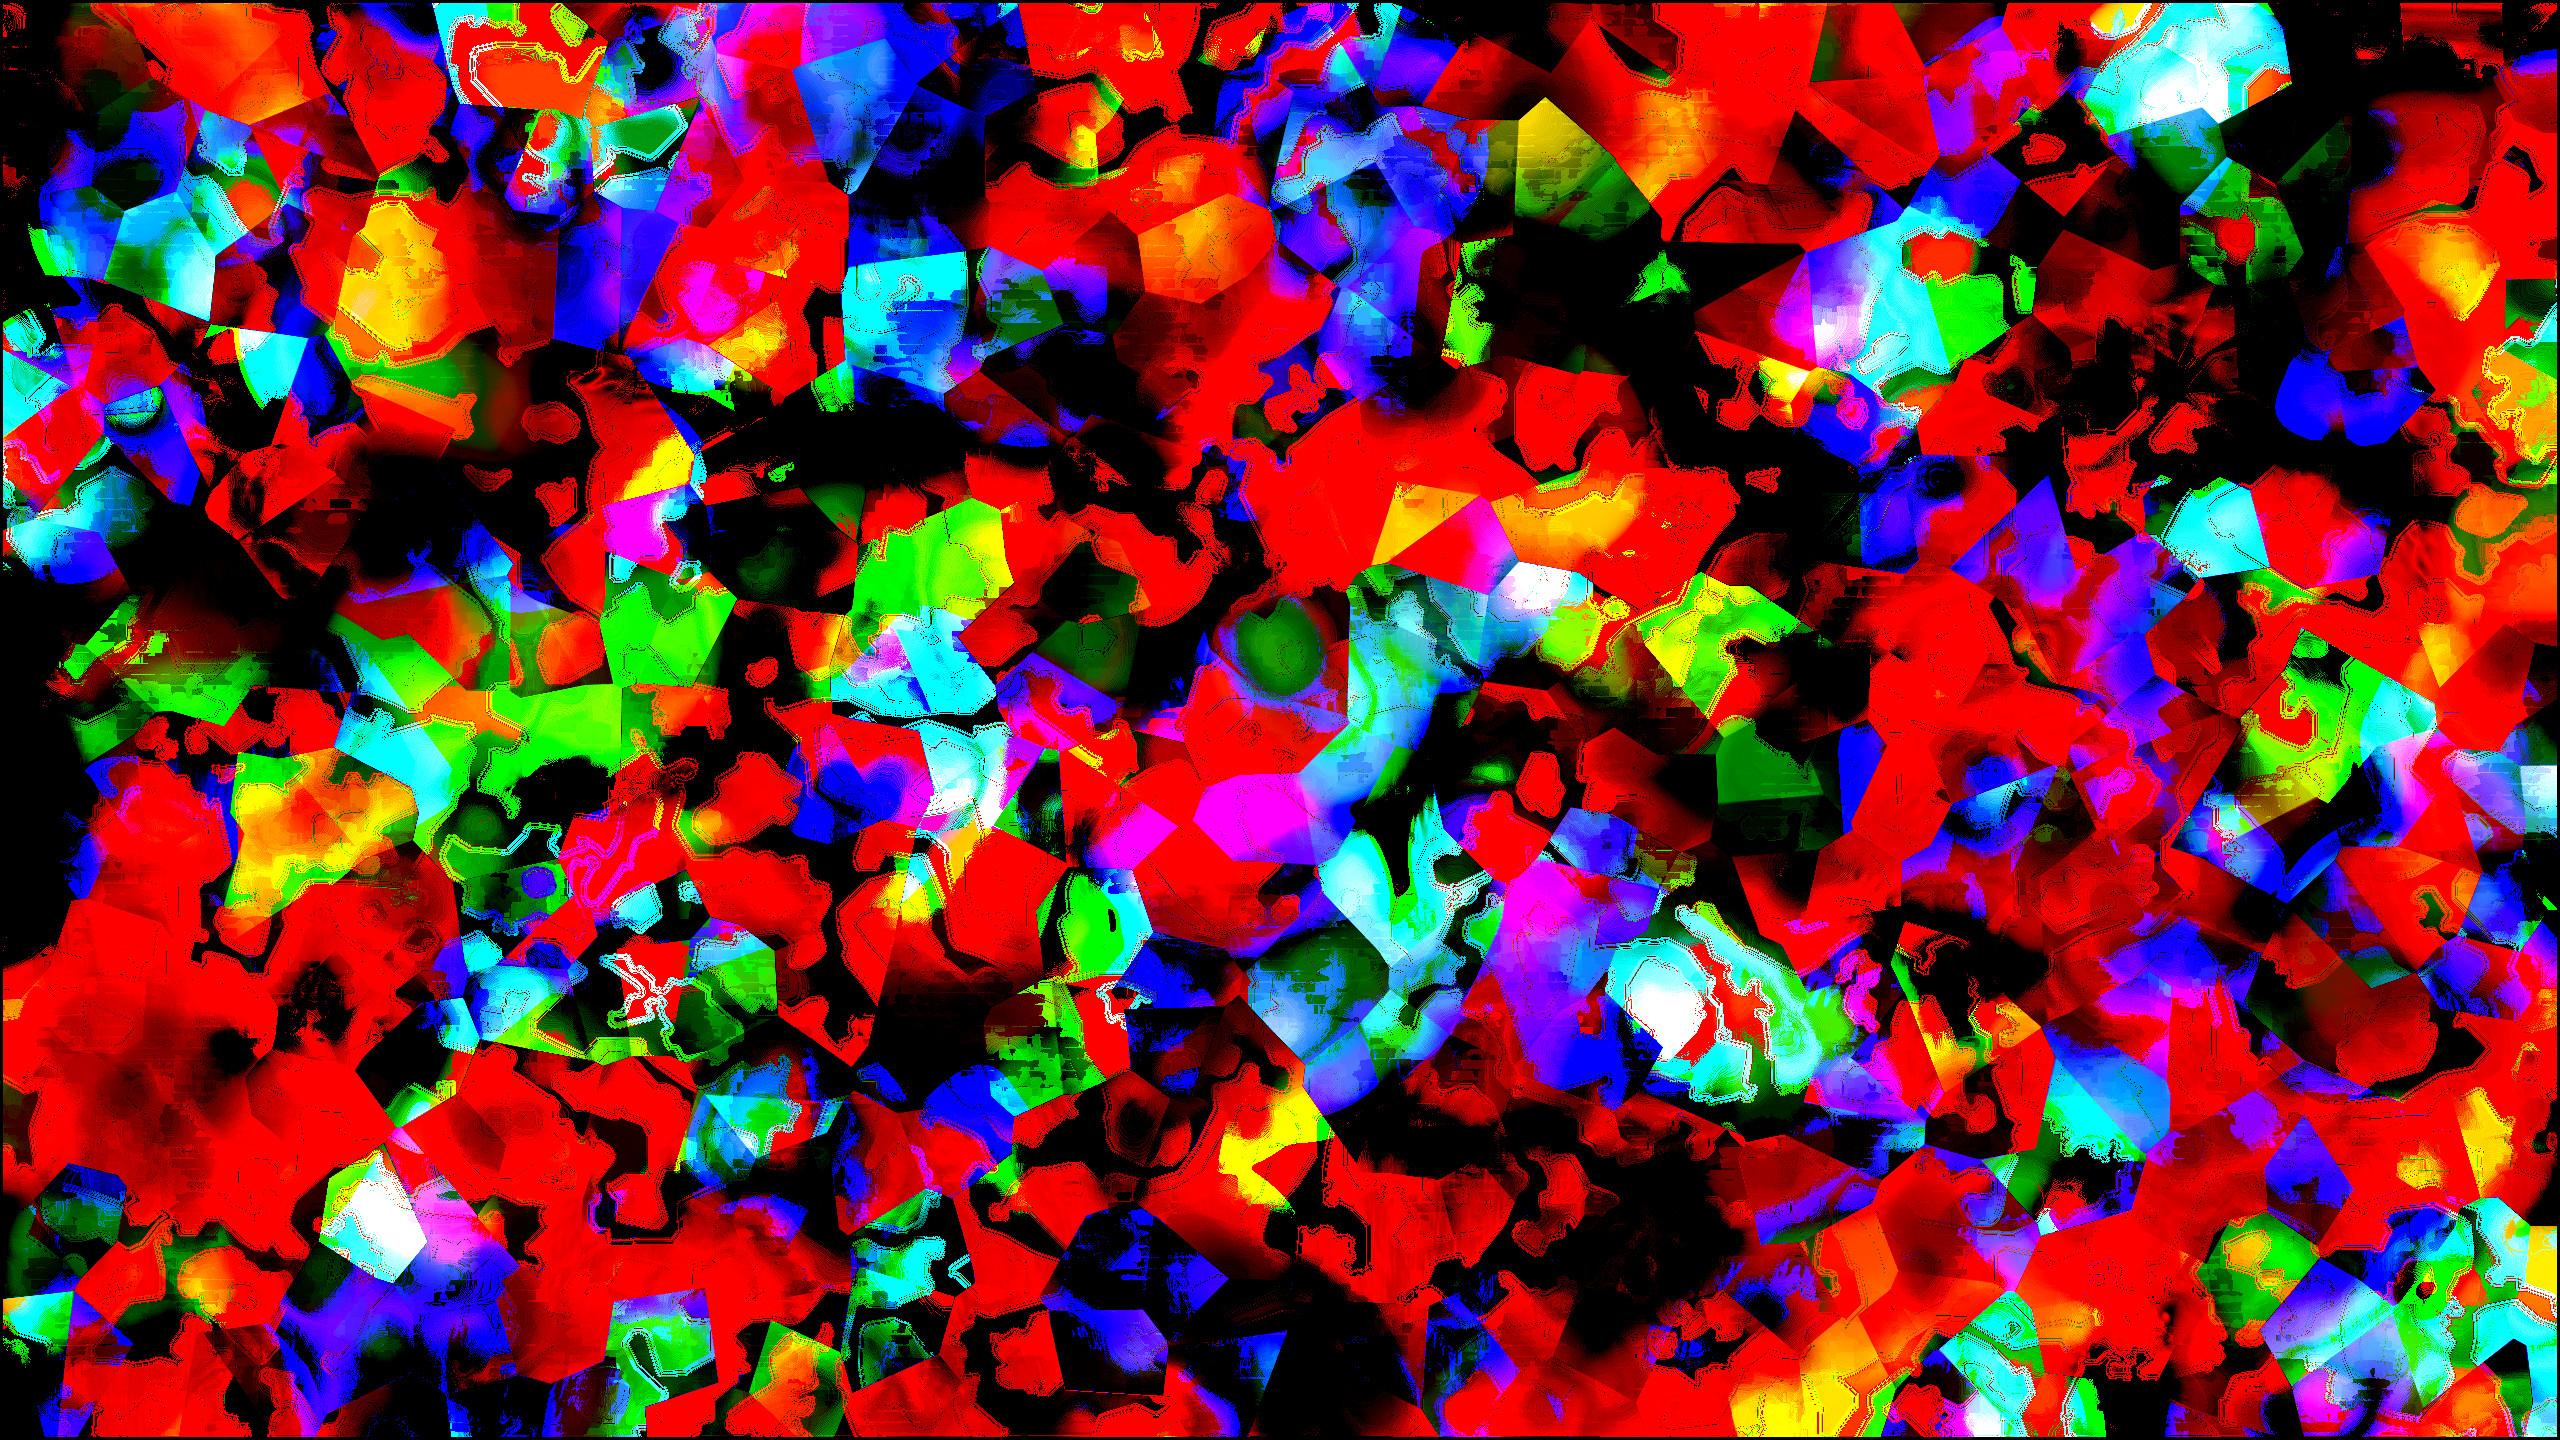 Kaleidoscope Christmas Lights